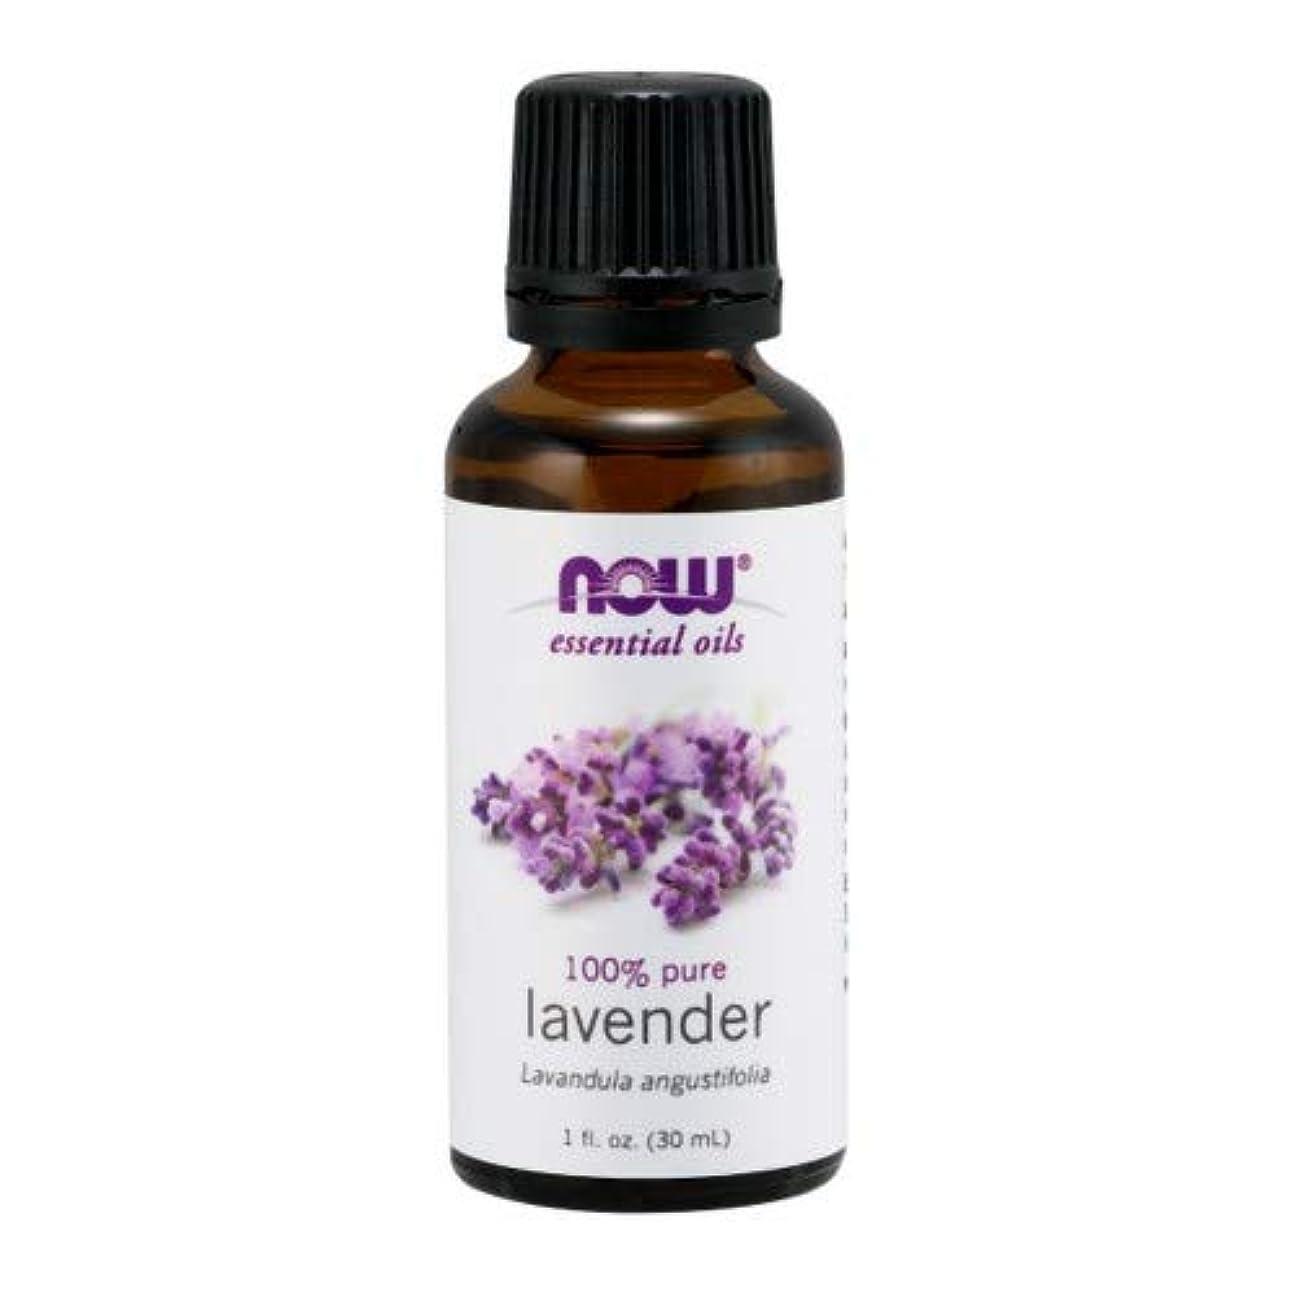 優雅貸すメガロポリスエッセンシャルオイル ラベンダーオイル 30ml 2個セット ナウフーズ 並行輸入品 NOW Foods Essential Oils Lavender 1 oz Pack of 2